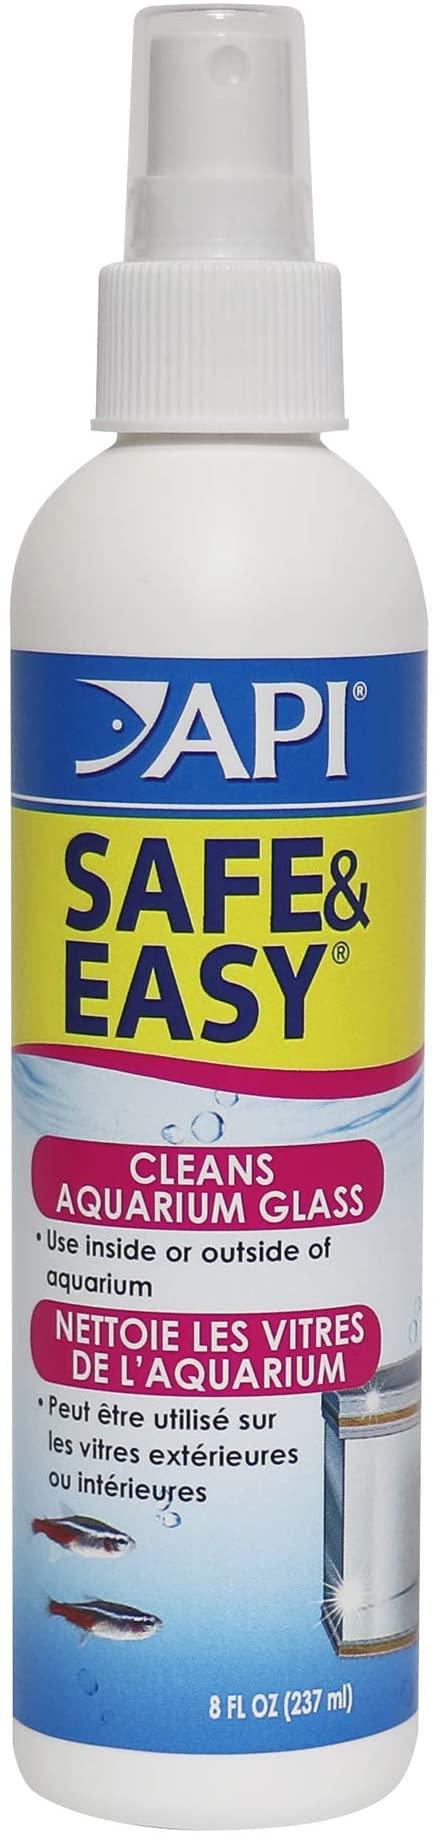 API 123 product image 3